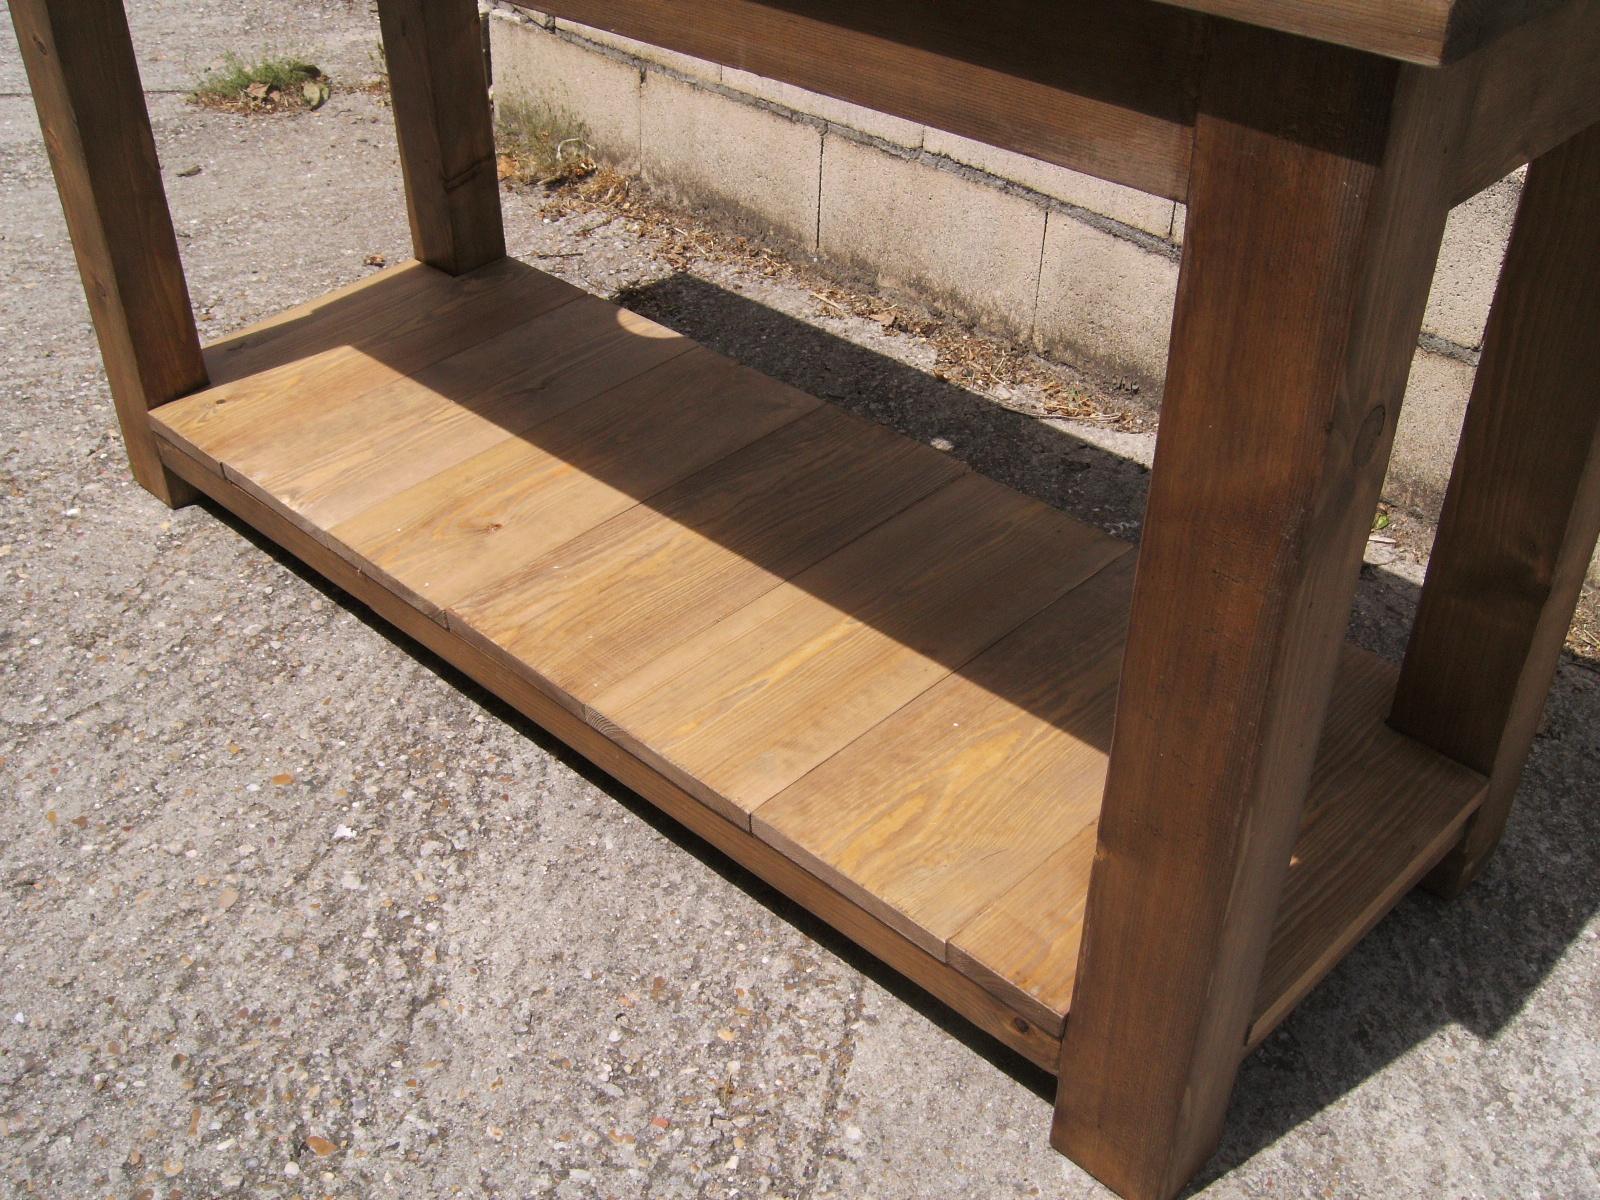 Mesa lavabo de madera dise o y estilo para el ba o - Bancos de madera para banos ...